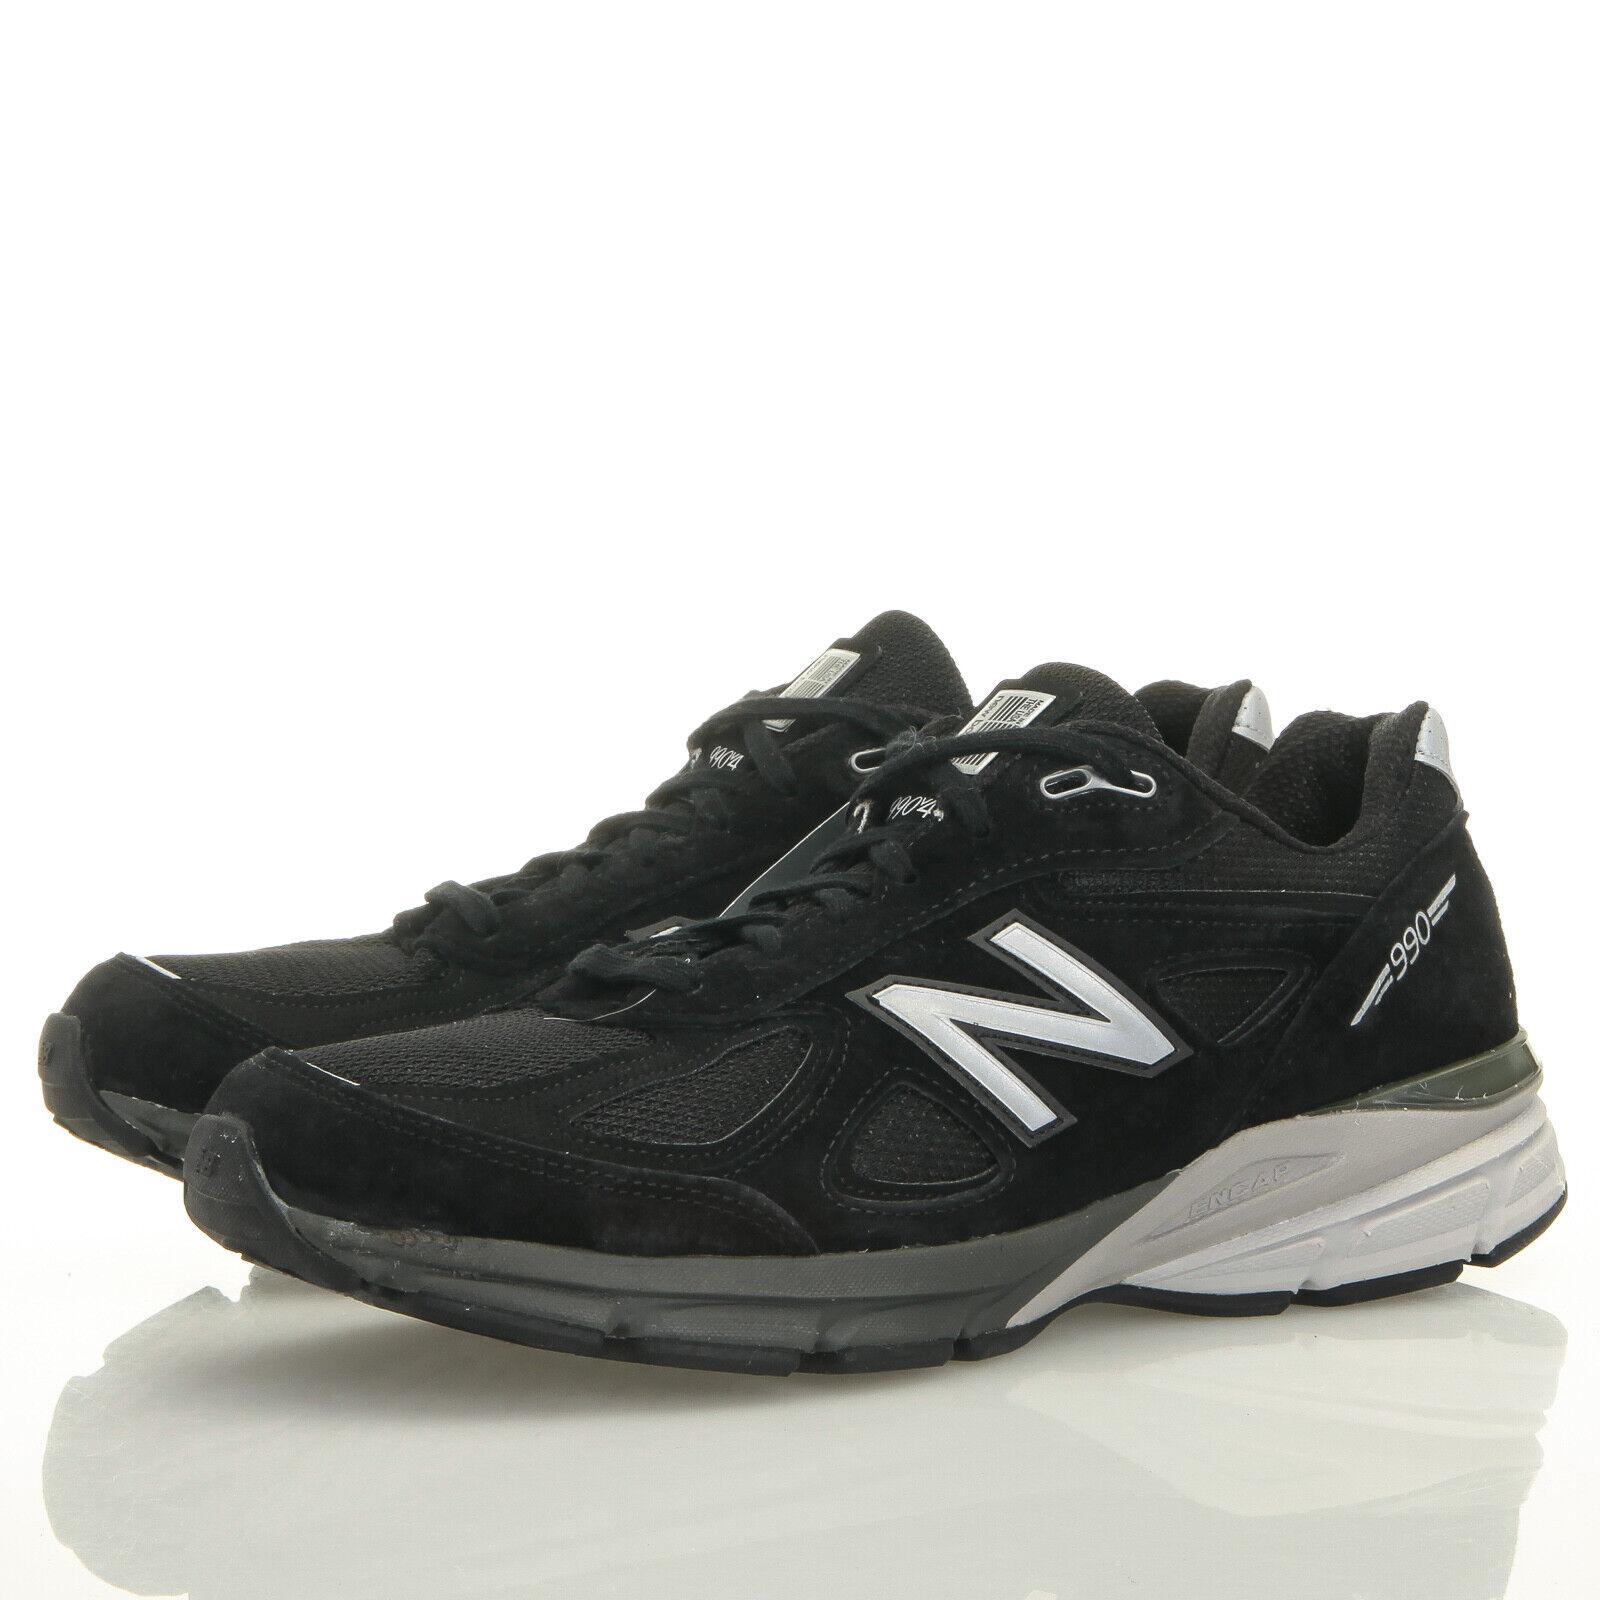 New Balance 990 v4 Noir Argent Chaussures de marche-Femme 13 B (W990BK4)